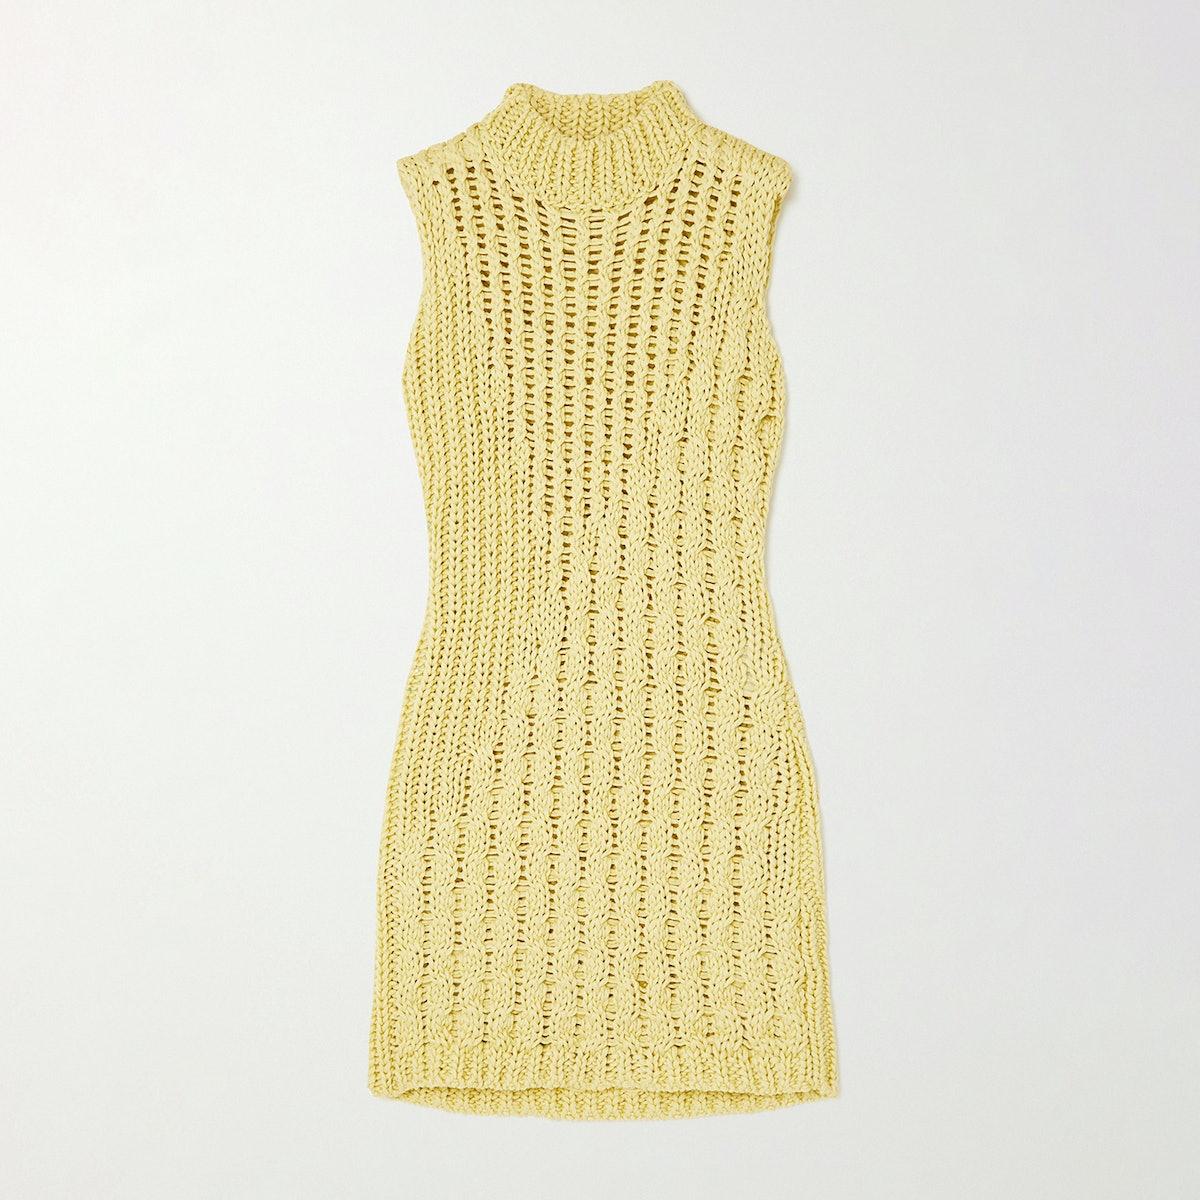 Salvatore Ferragamo mini dress